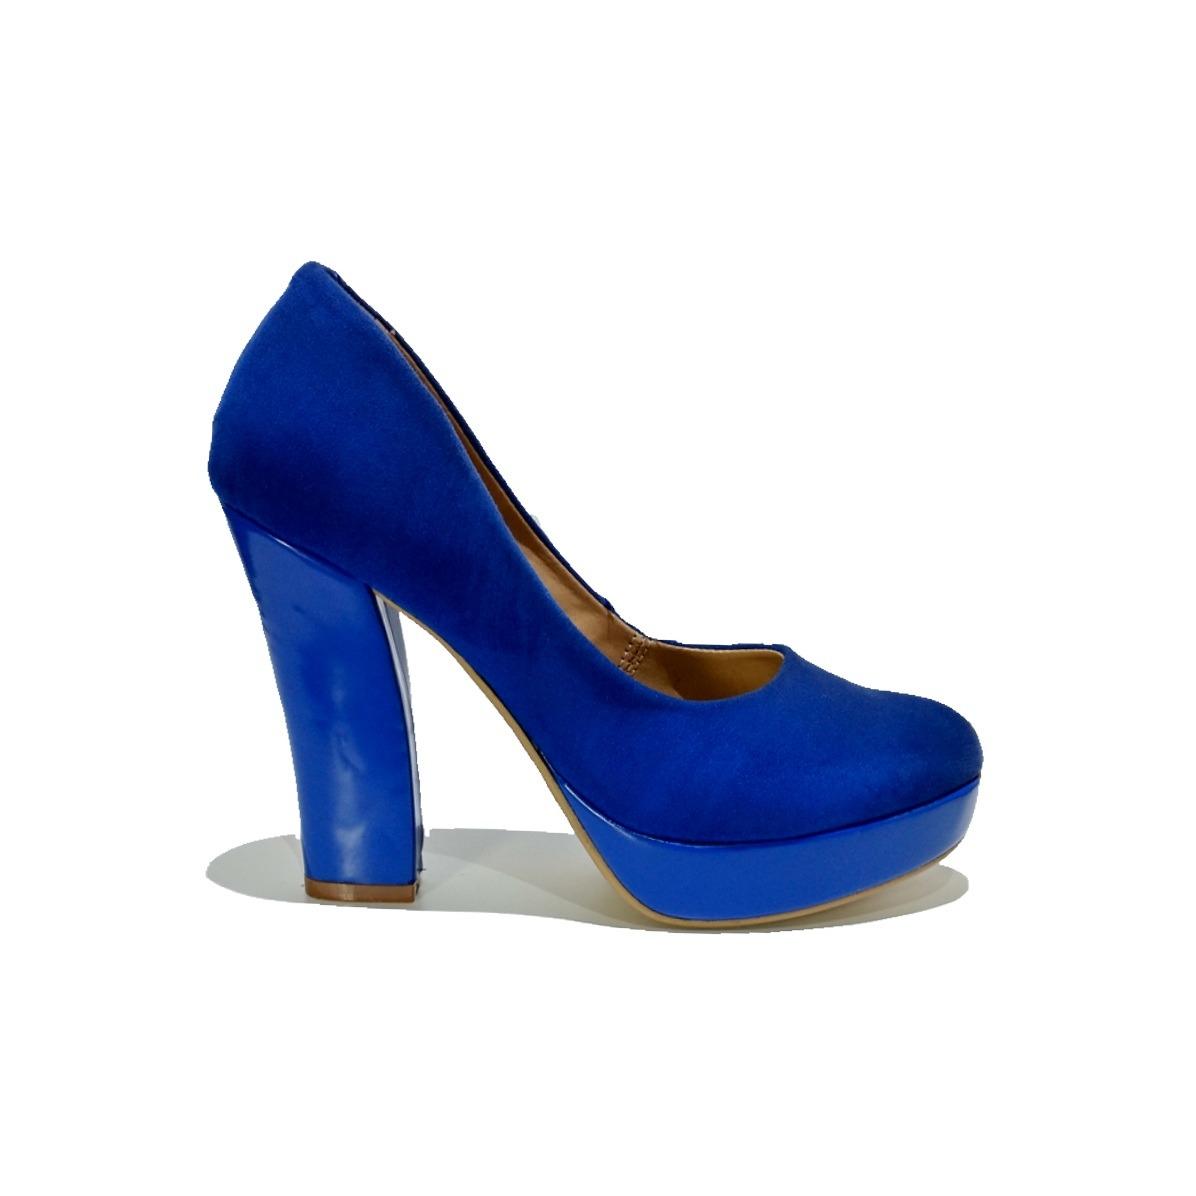 2884d1d1ed Oferta Zapatillas Azul Rey Tacón Ancho Y Plataforma - $ 199.90 en ...